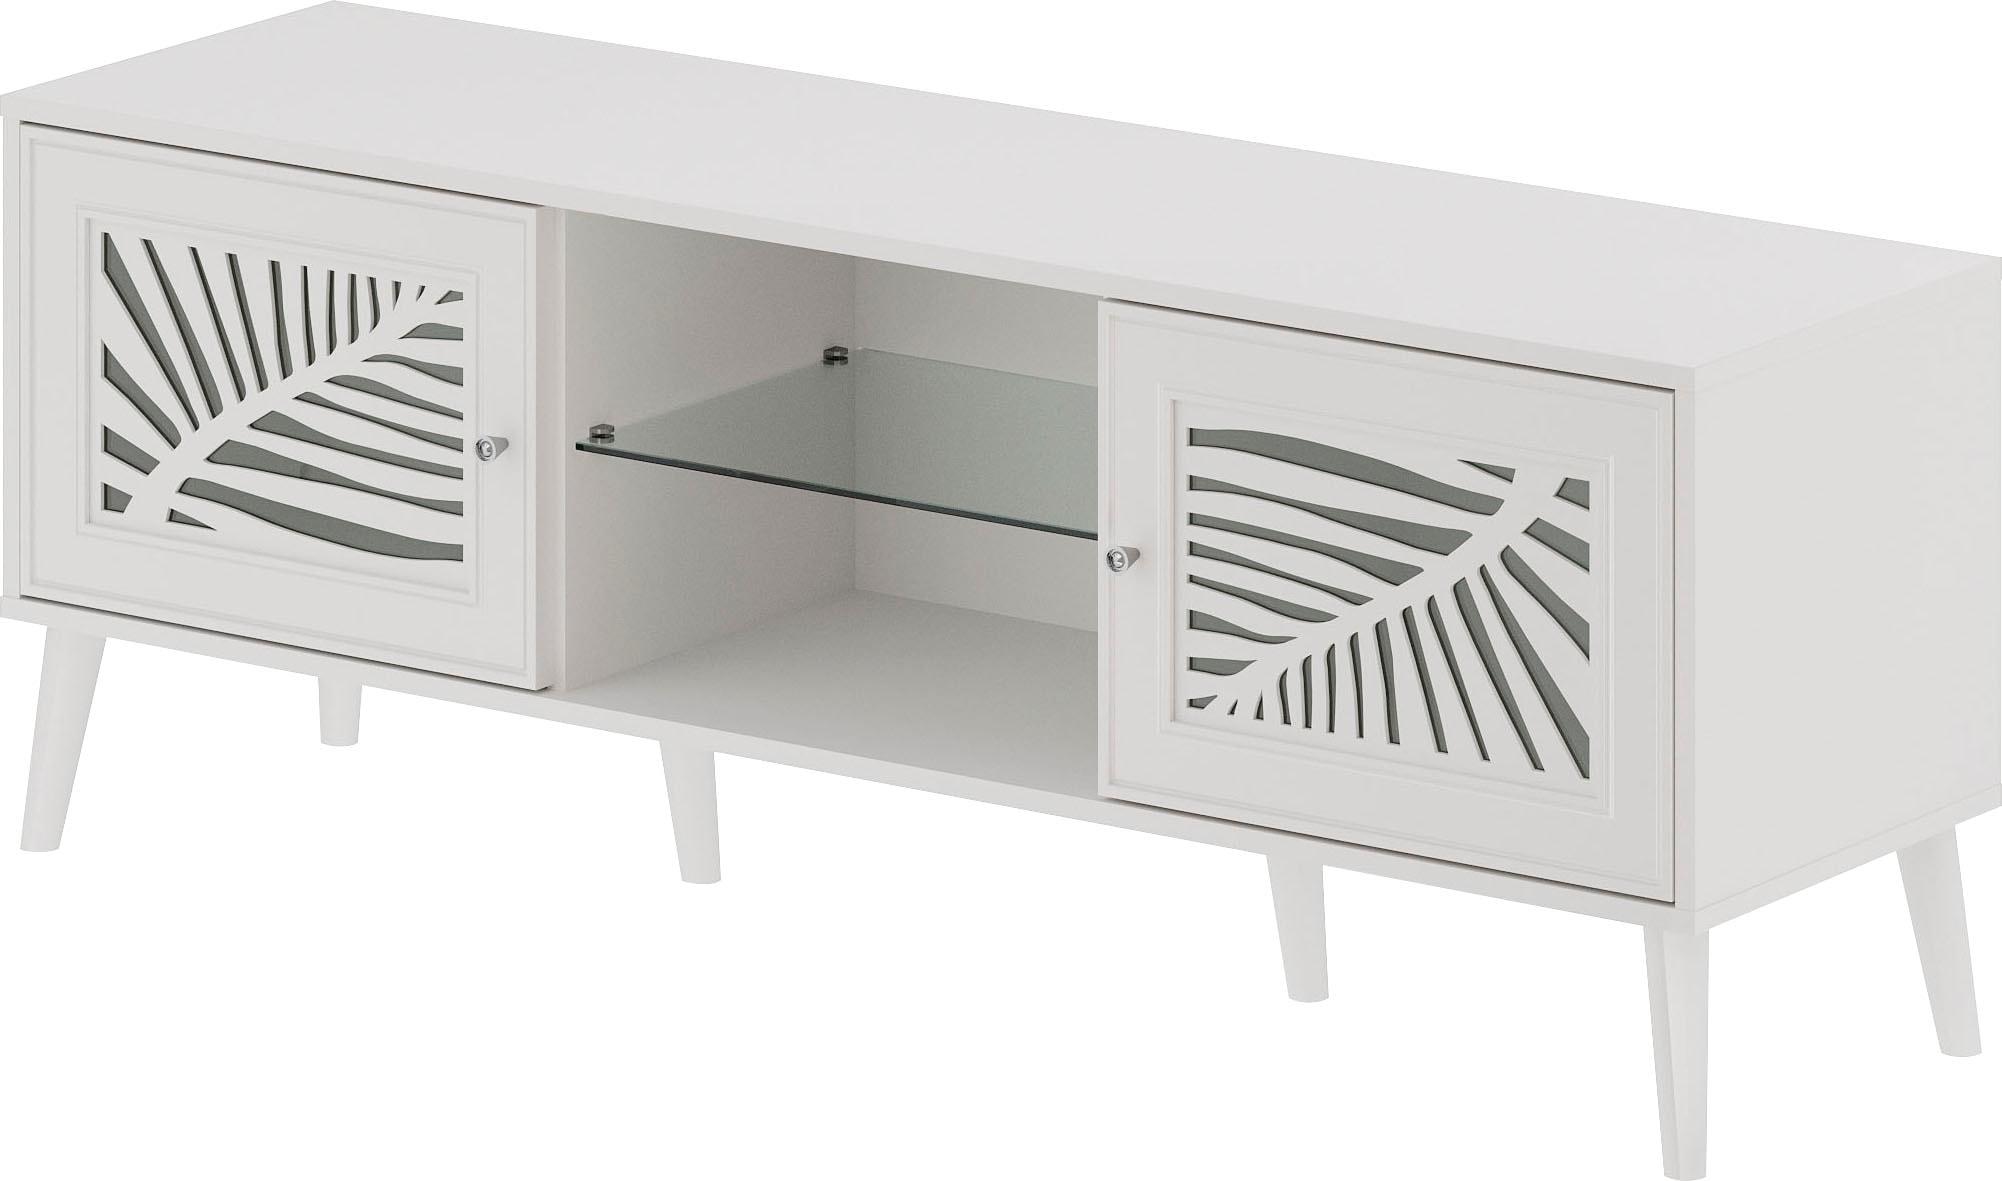 Home affaire Lowboard Tropical, mit schön ausgefrästen Profilen, Metallgriffe Kristall Swarovski weiß Lowboards Kommoden Sideboards